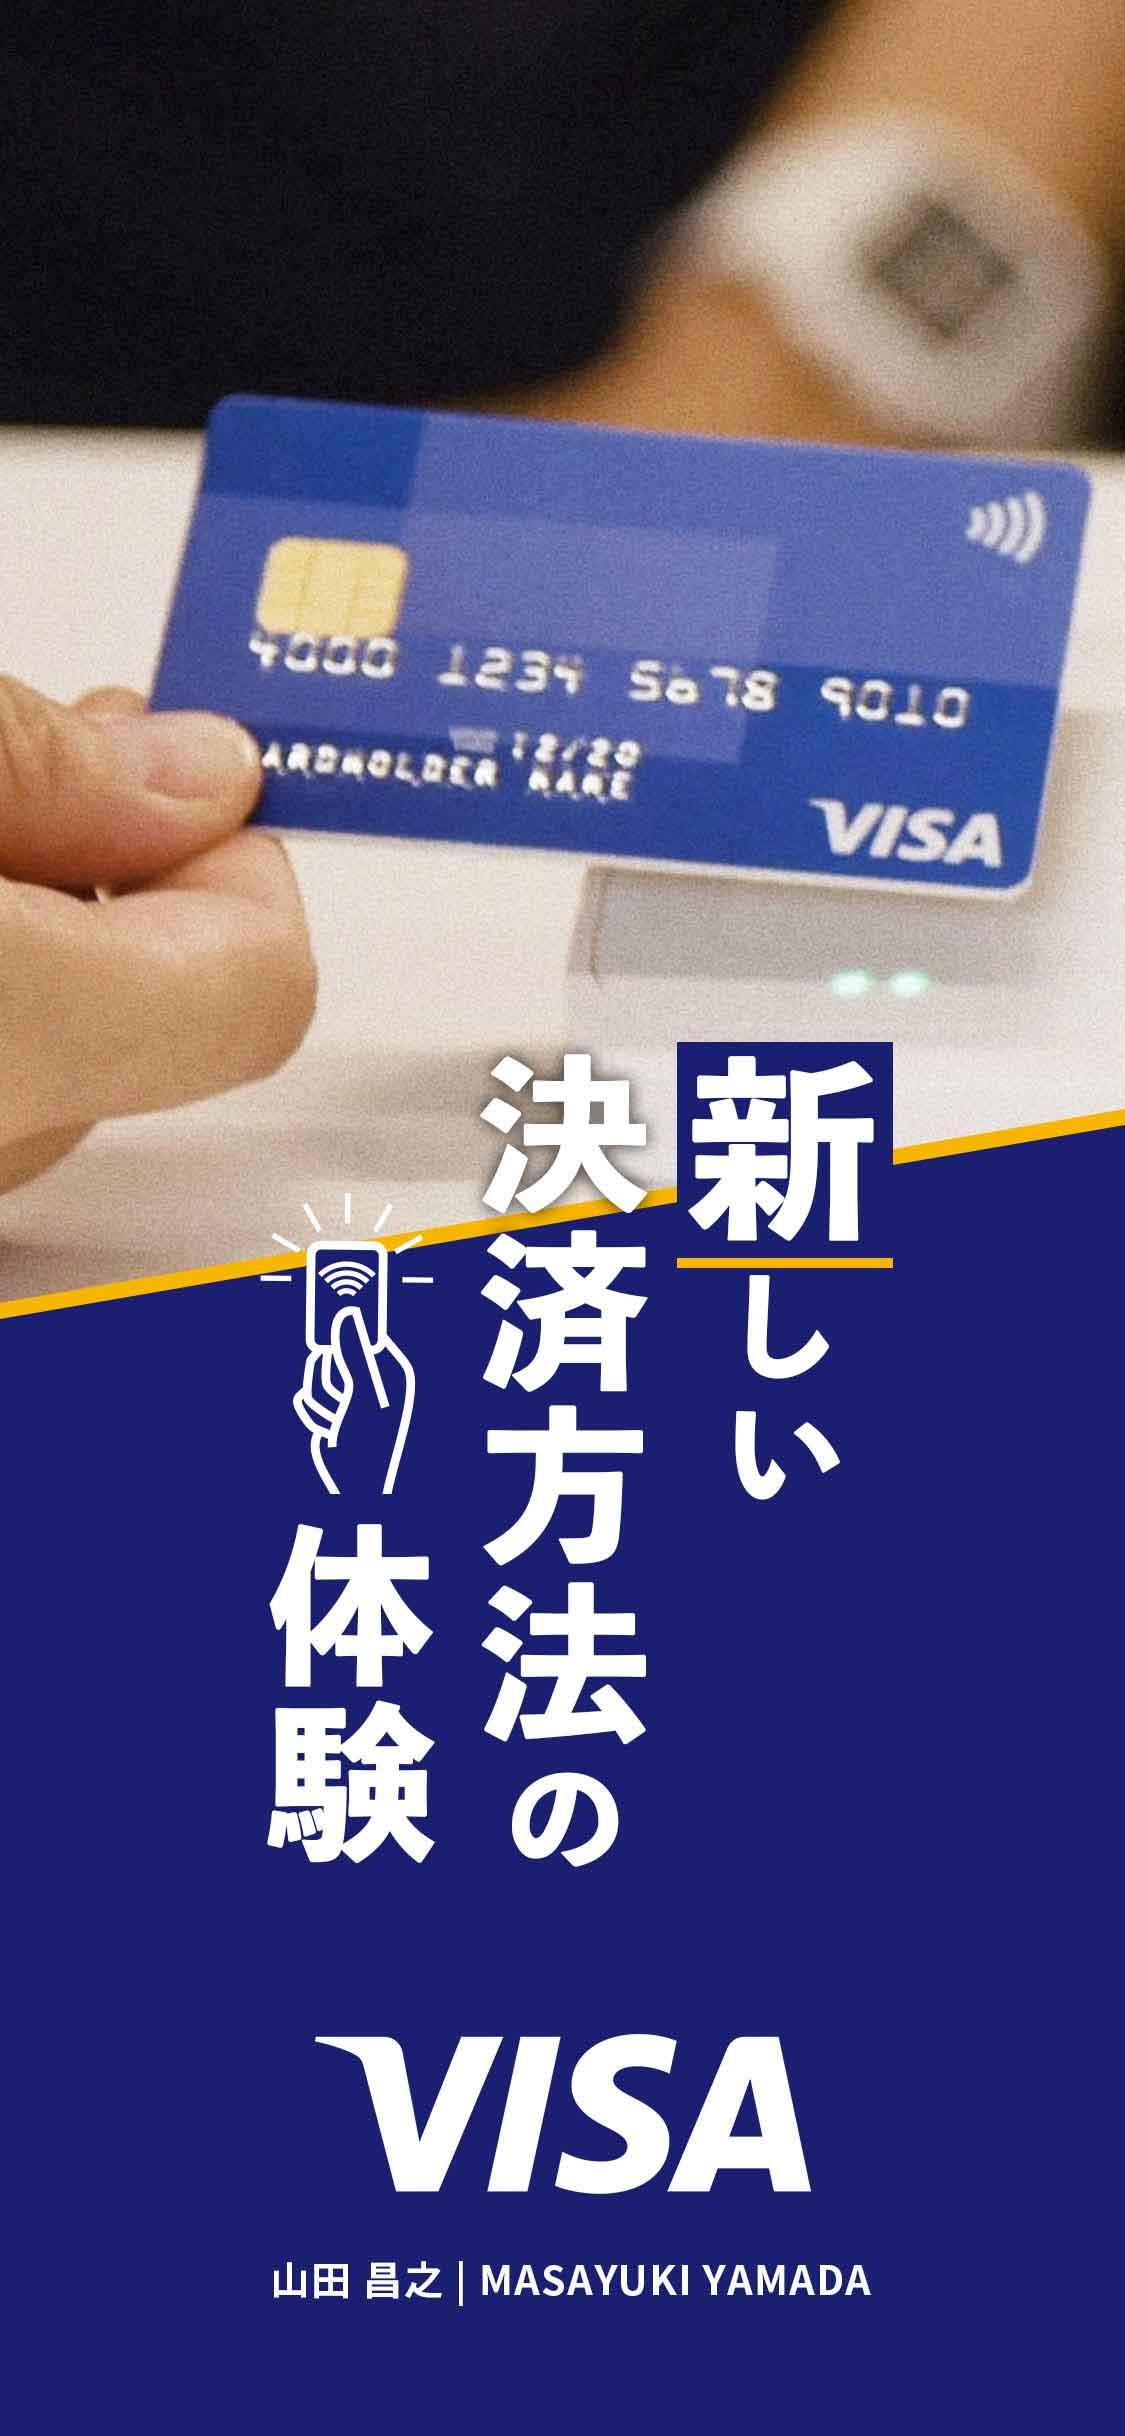 ウーバーイーツ visa